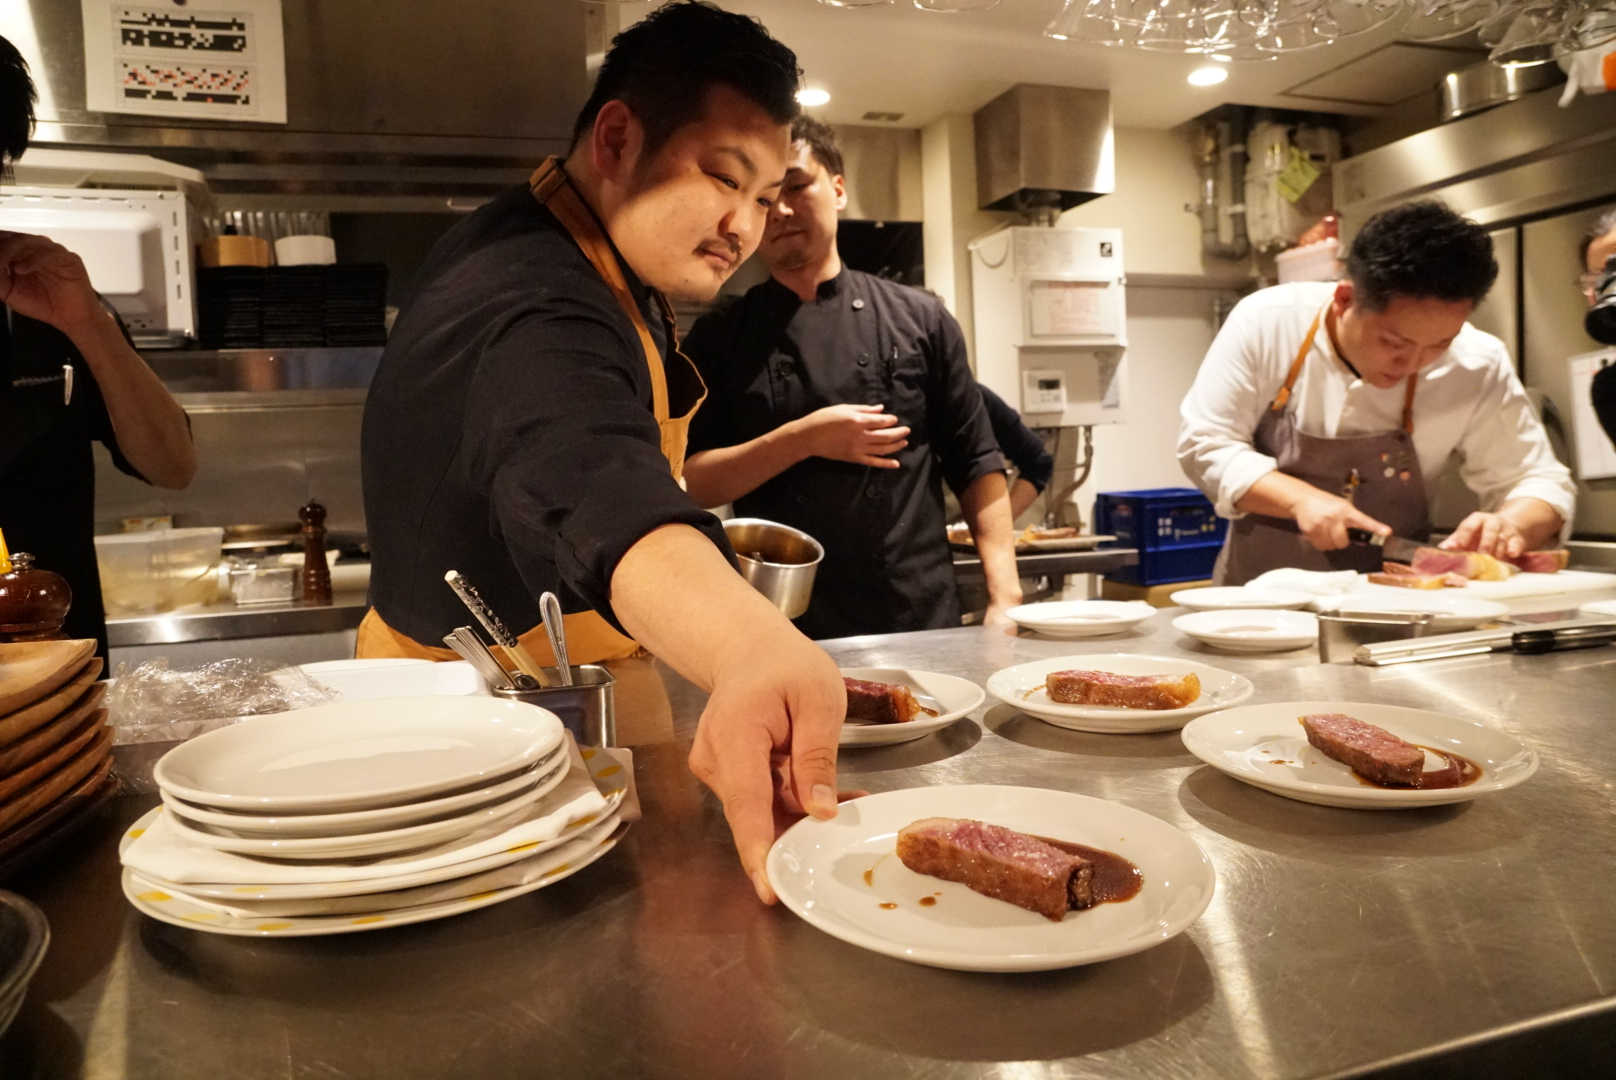 #CookForJapan社団法人化プレス会見